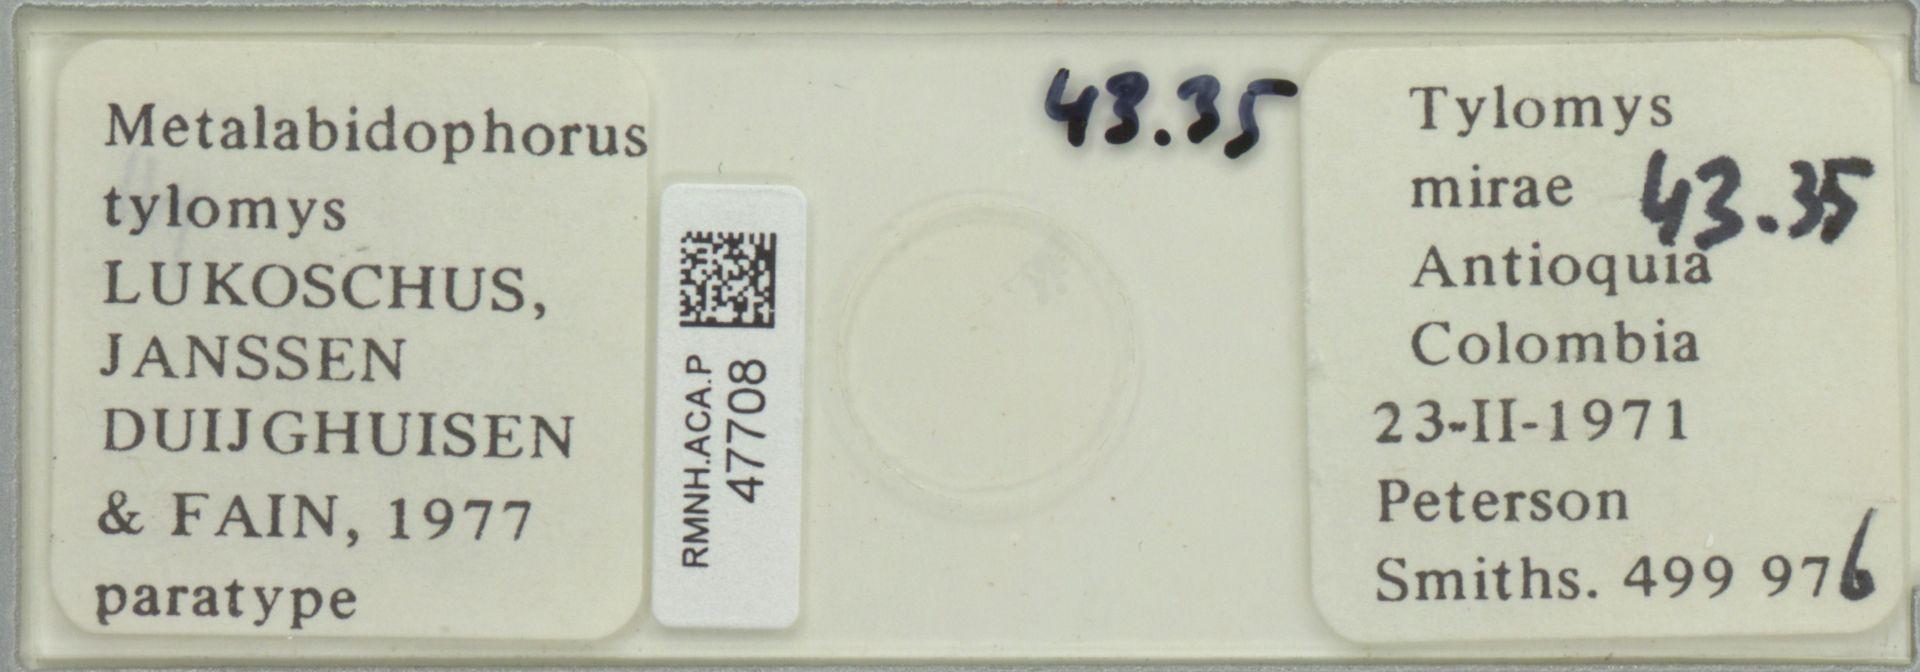 RMNH.ACA.P.47708 | Metalabidophorus tylomys Lukoschus, Janssen Duijghuisen & Fain, 1977